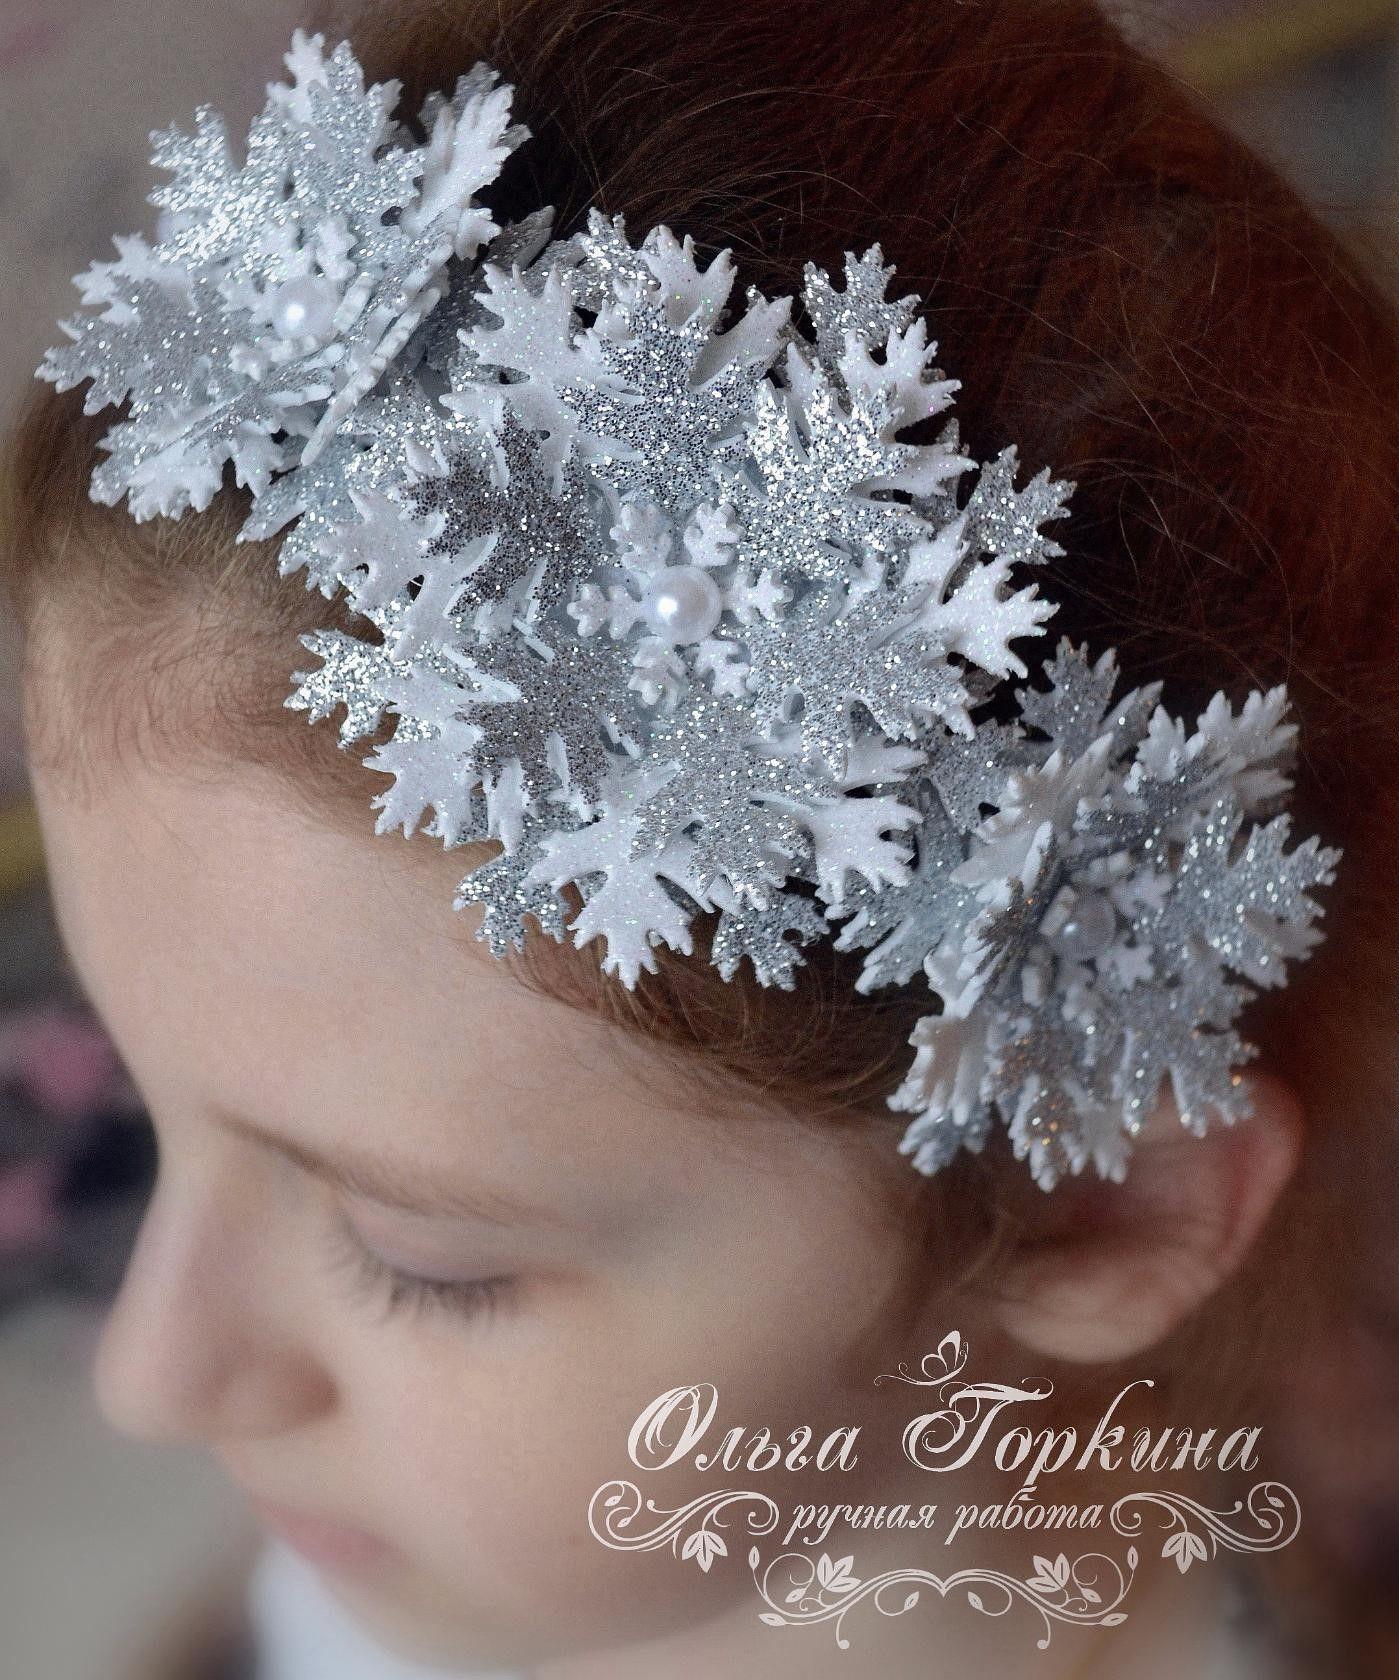 пистойи картинки зимнее украшение для головы прекрасны, них